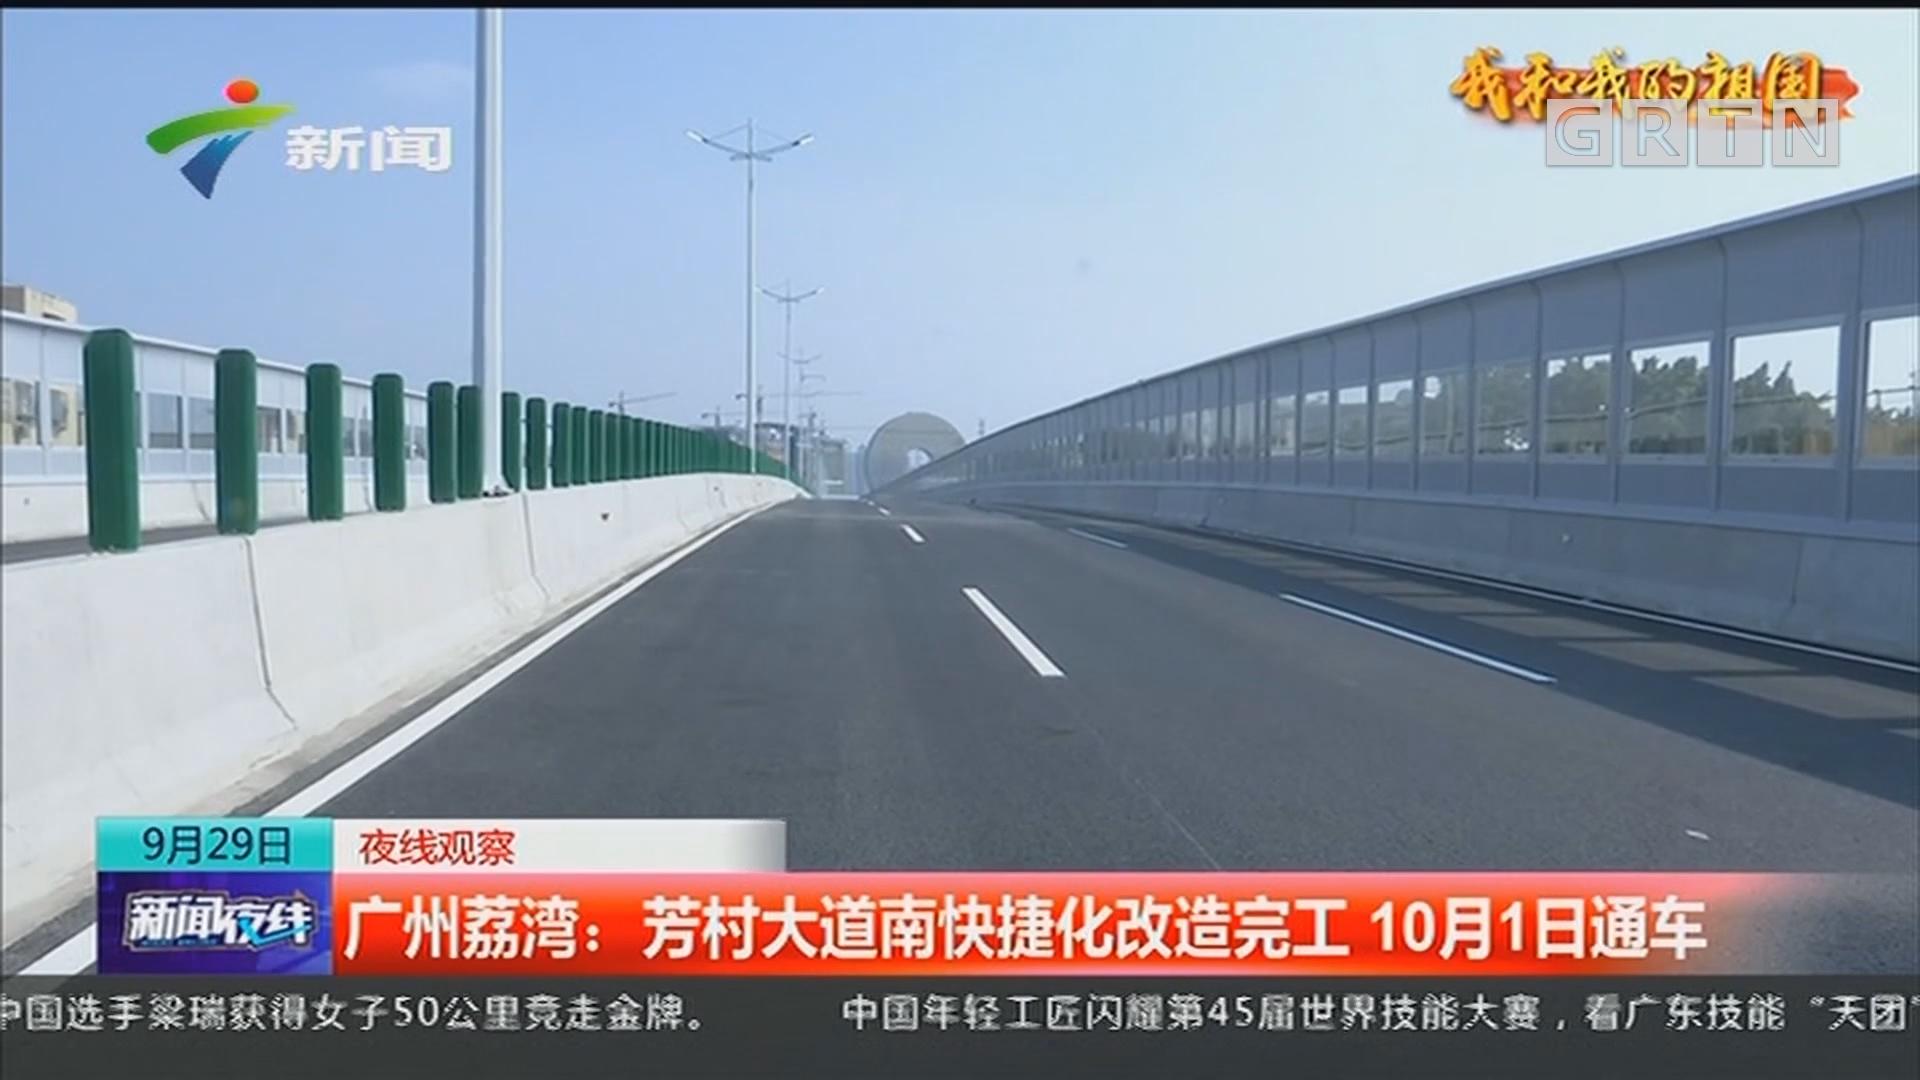 广州荔湾:芳村大道南快捷化改造完工 10月1日通车